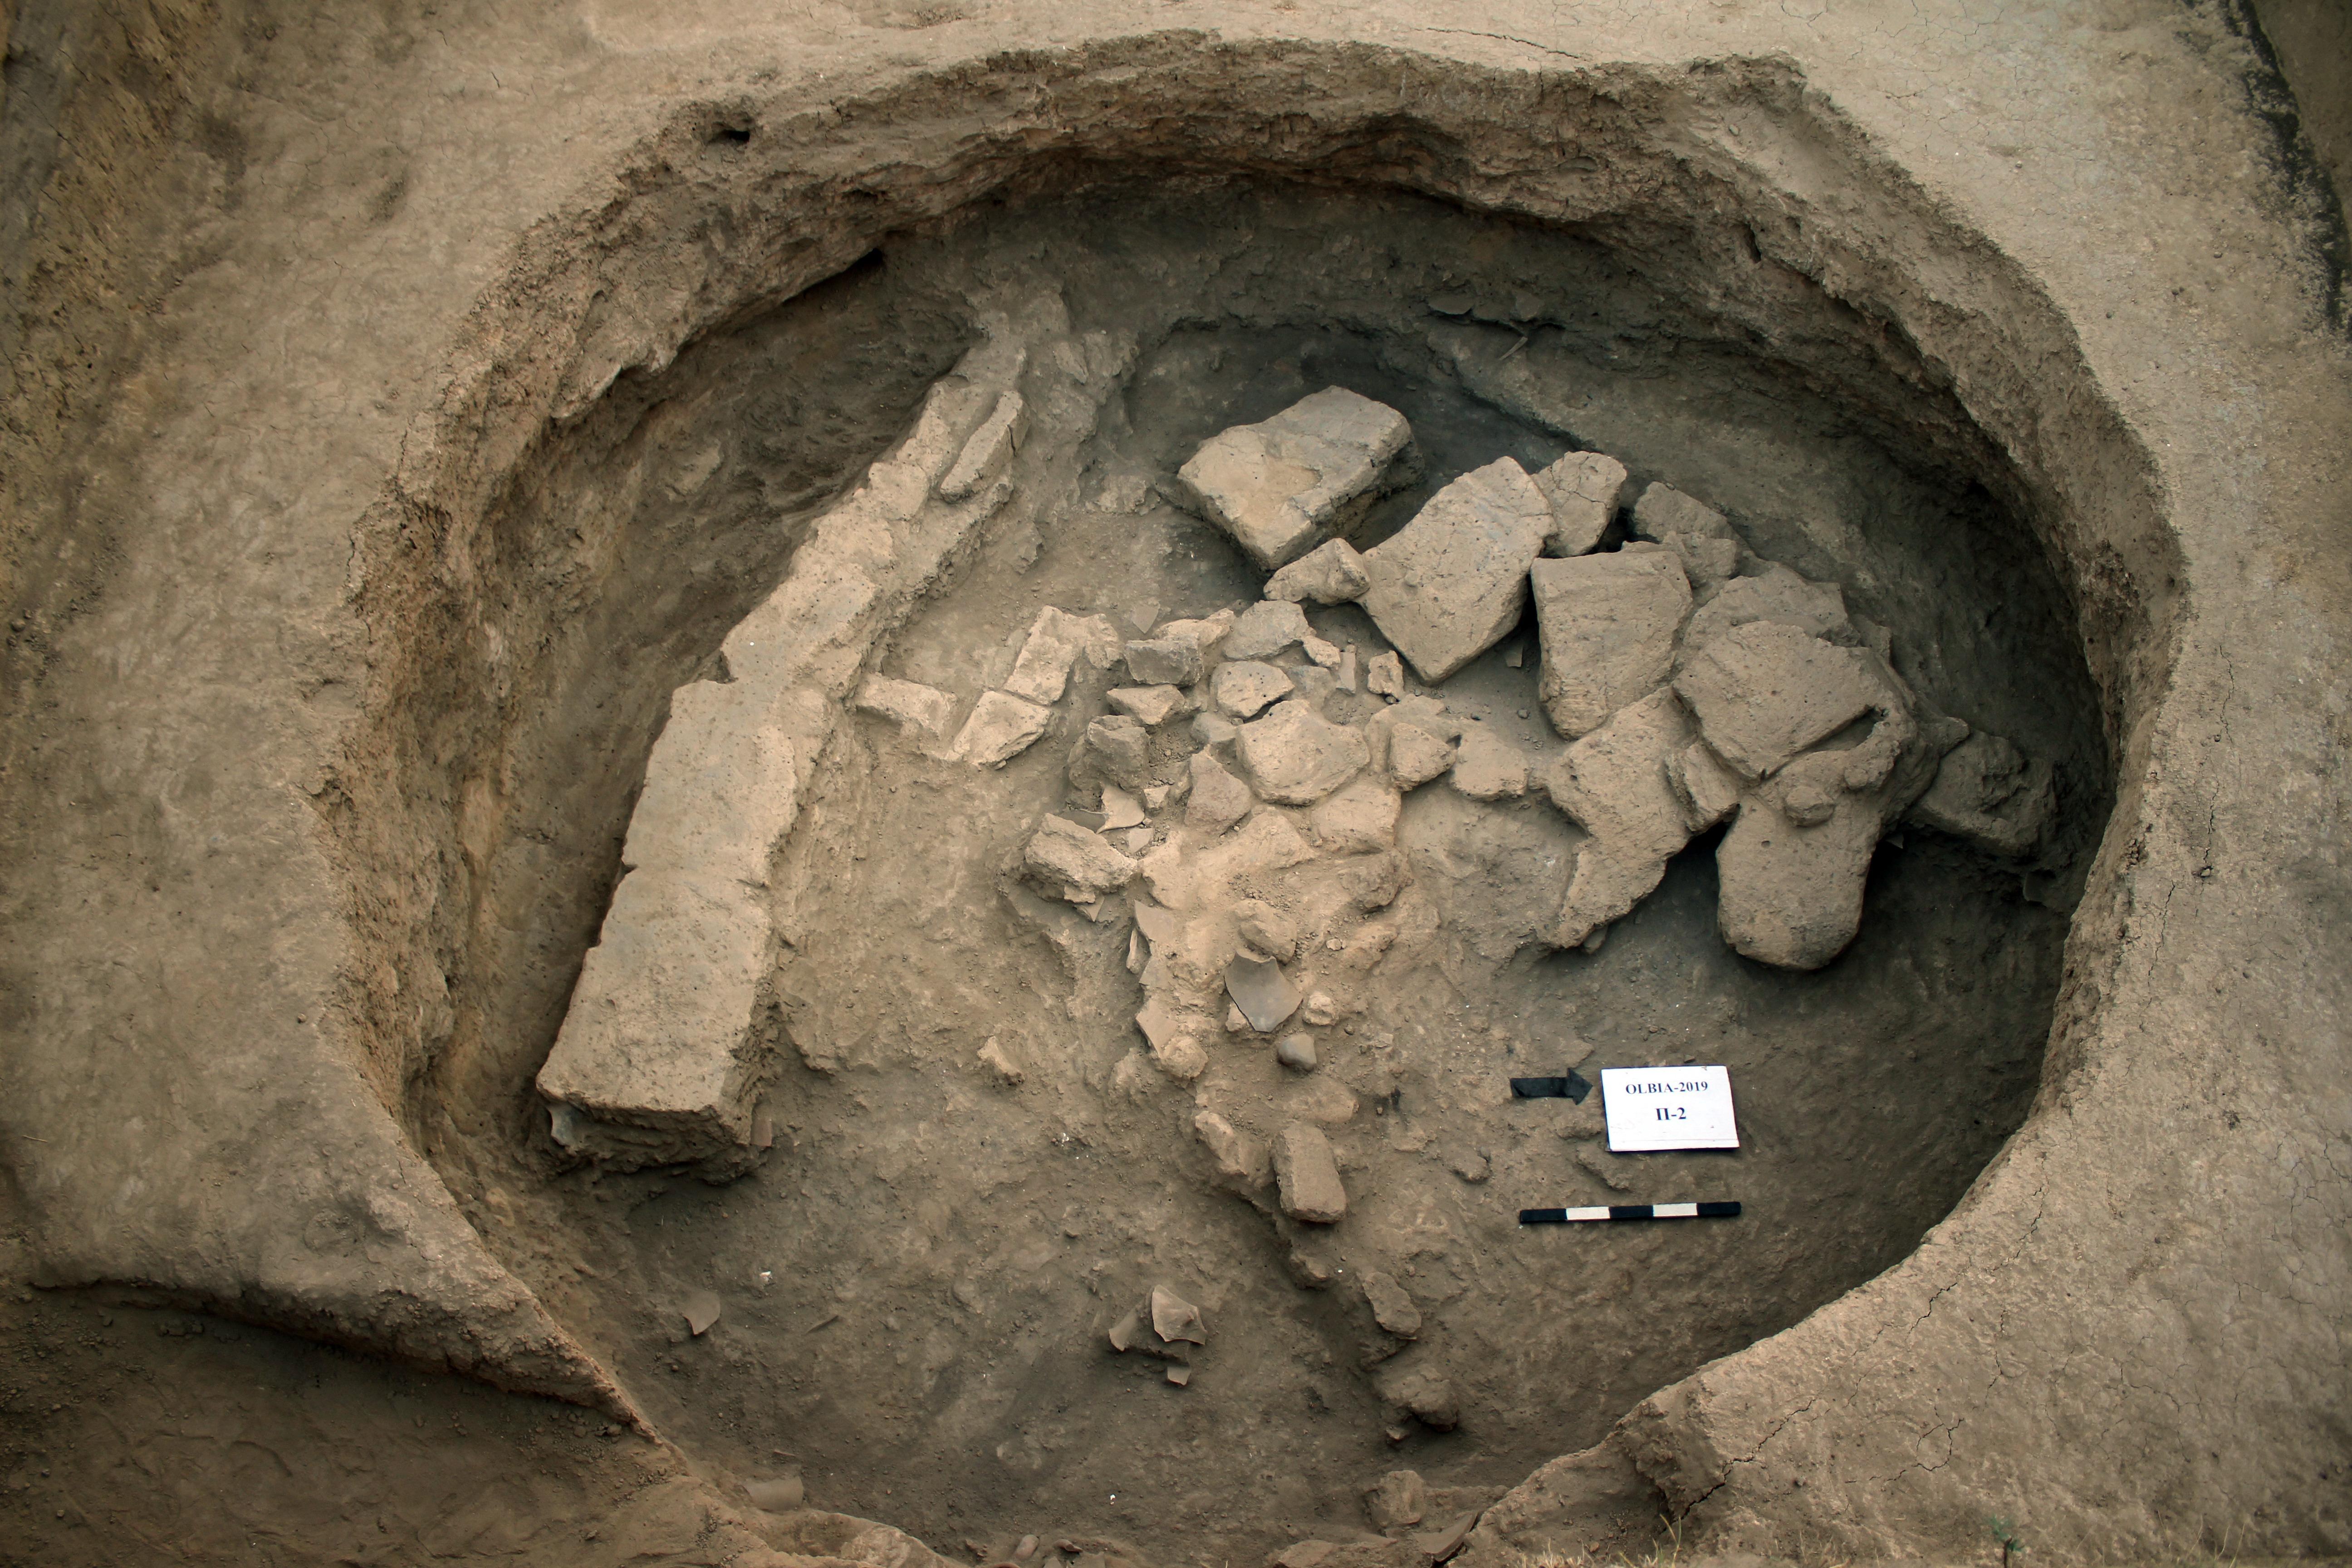 На глибині одного метра яма виявилася заповненою частинами наземних стін із сирцевих цеглин (виготовлялися з глини та різаної соломи) й окремими цеглинами, які впали всередину котловану.